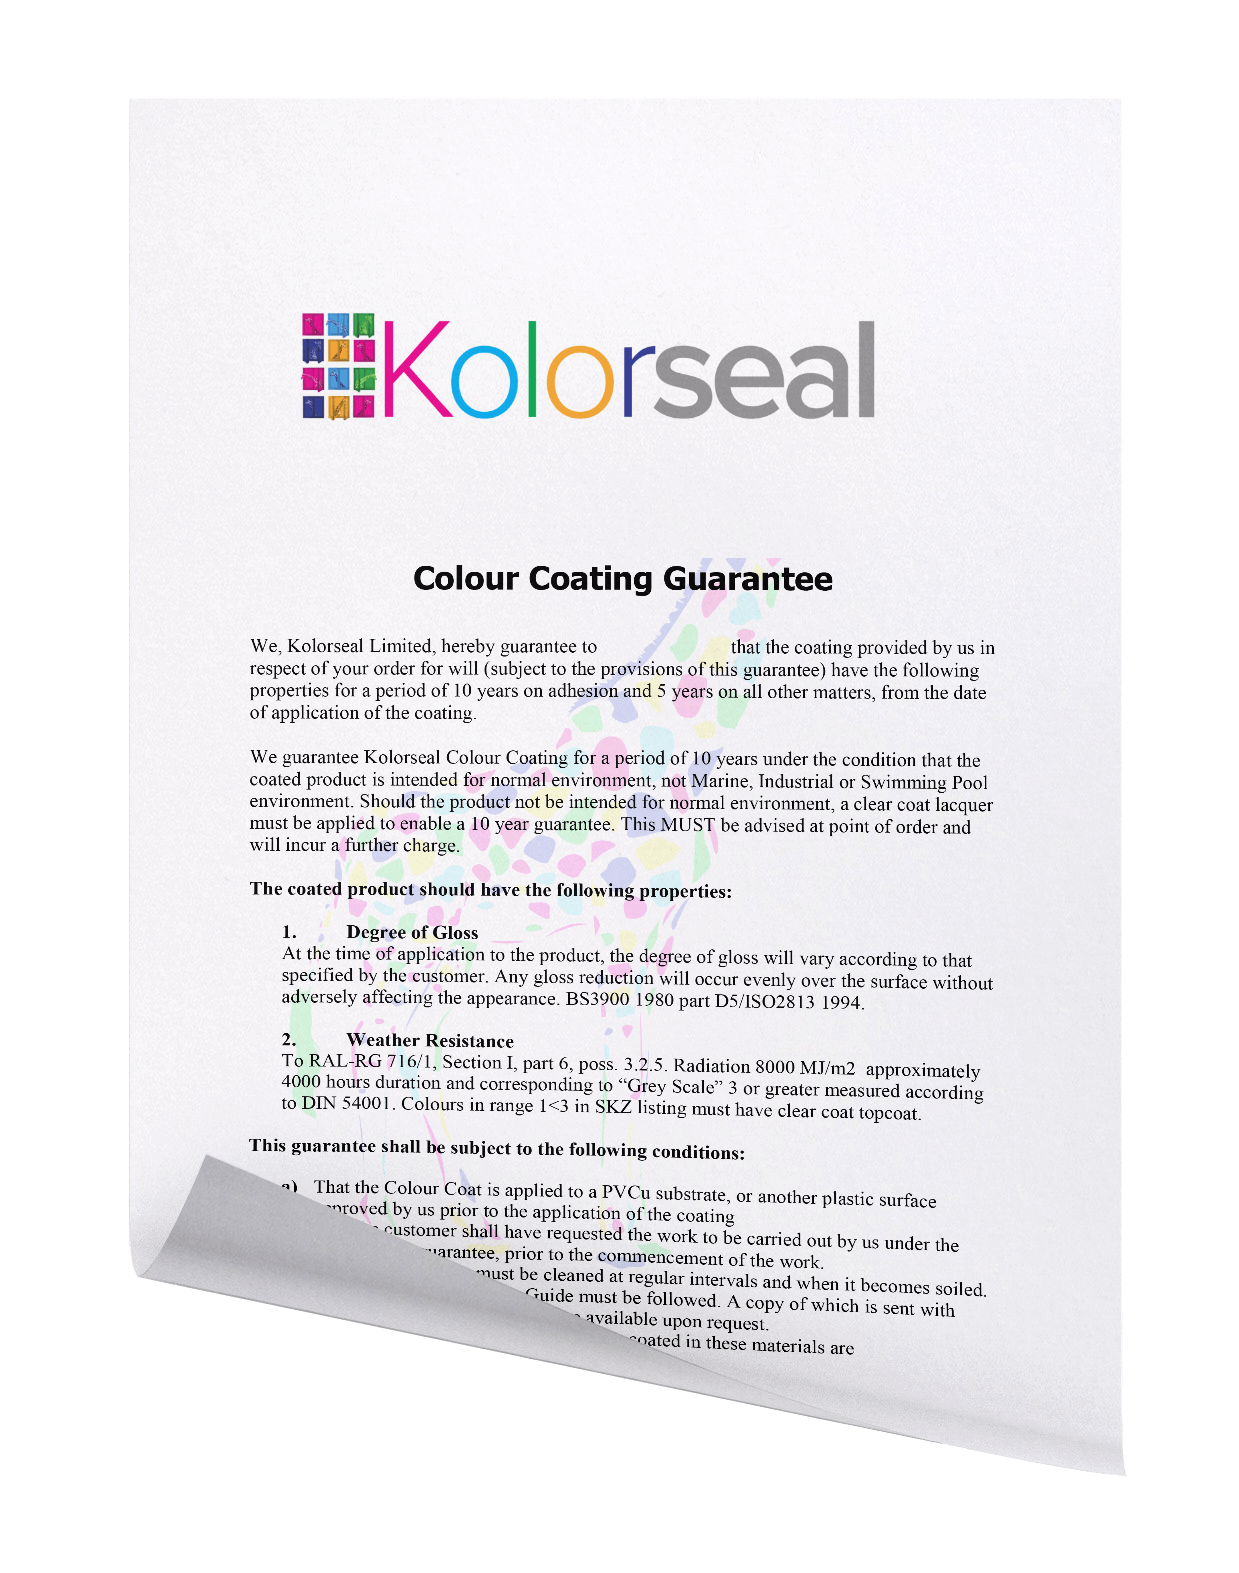 Colour coating guarantee